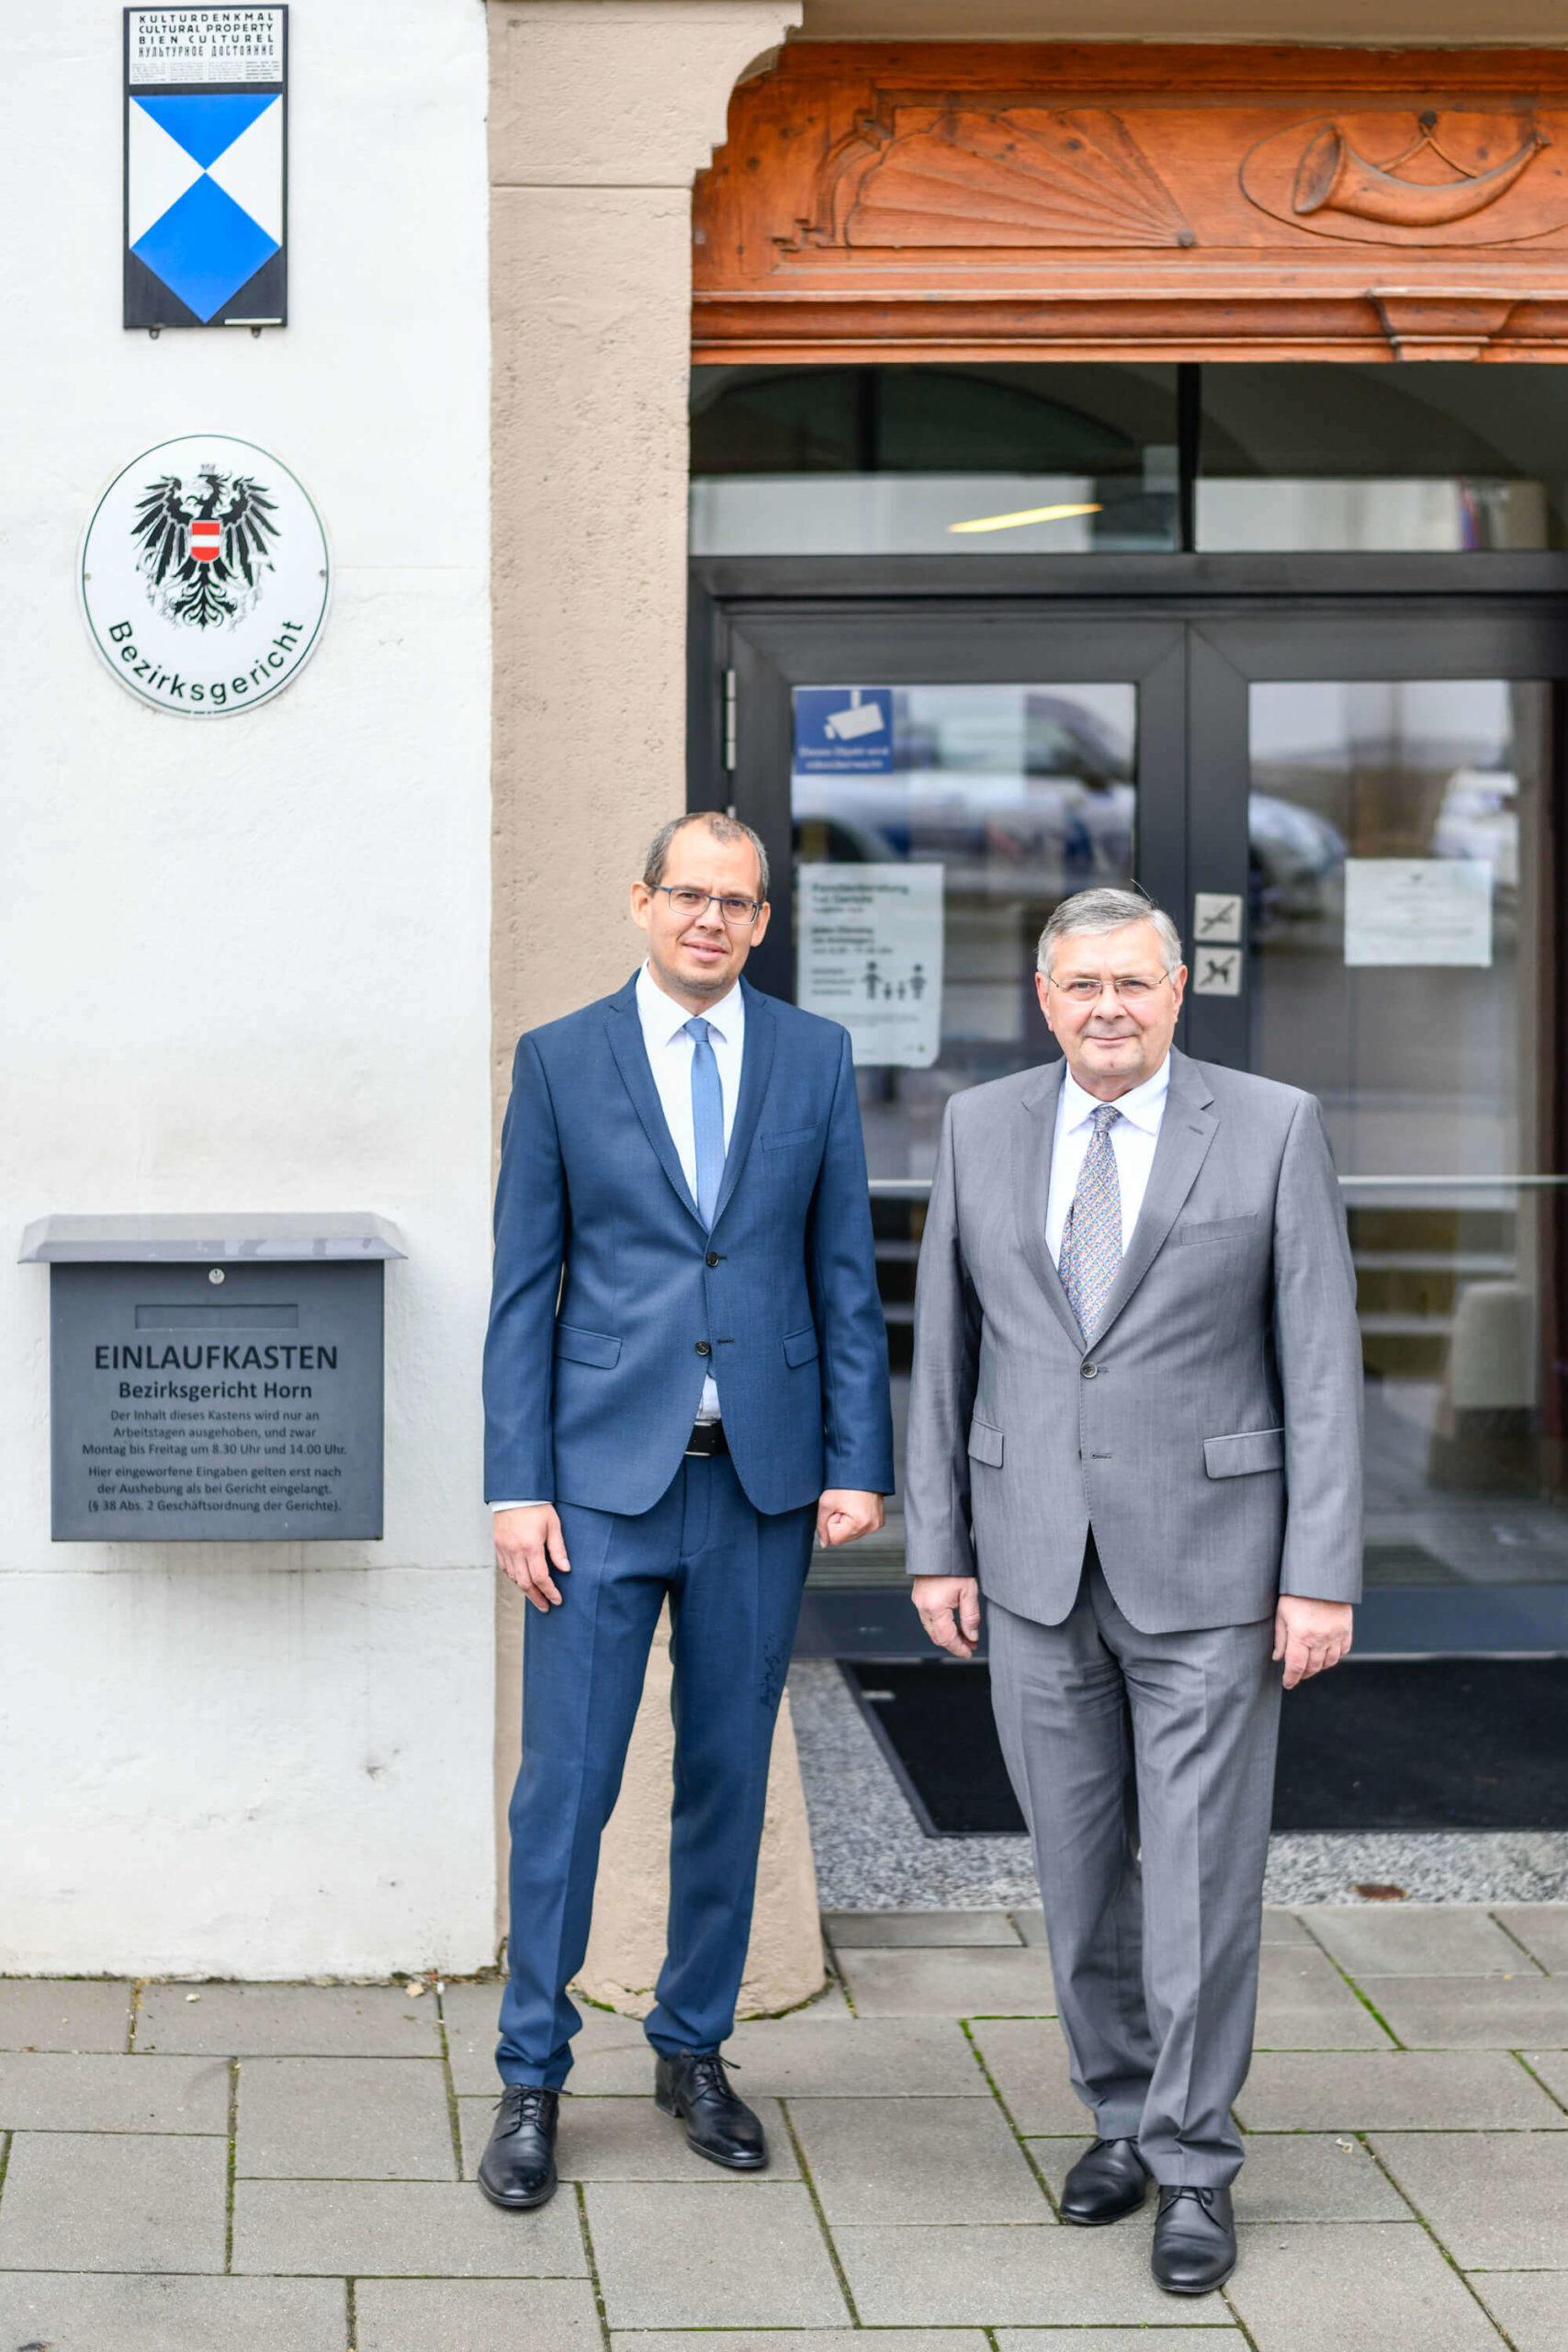 Anwälte vor der Haustür - Dr. Heinrich Nagl und Mag. Timo Ruisinger - Rechtsanwälte in 3580 Horn